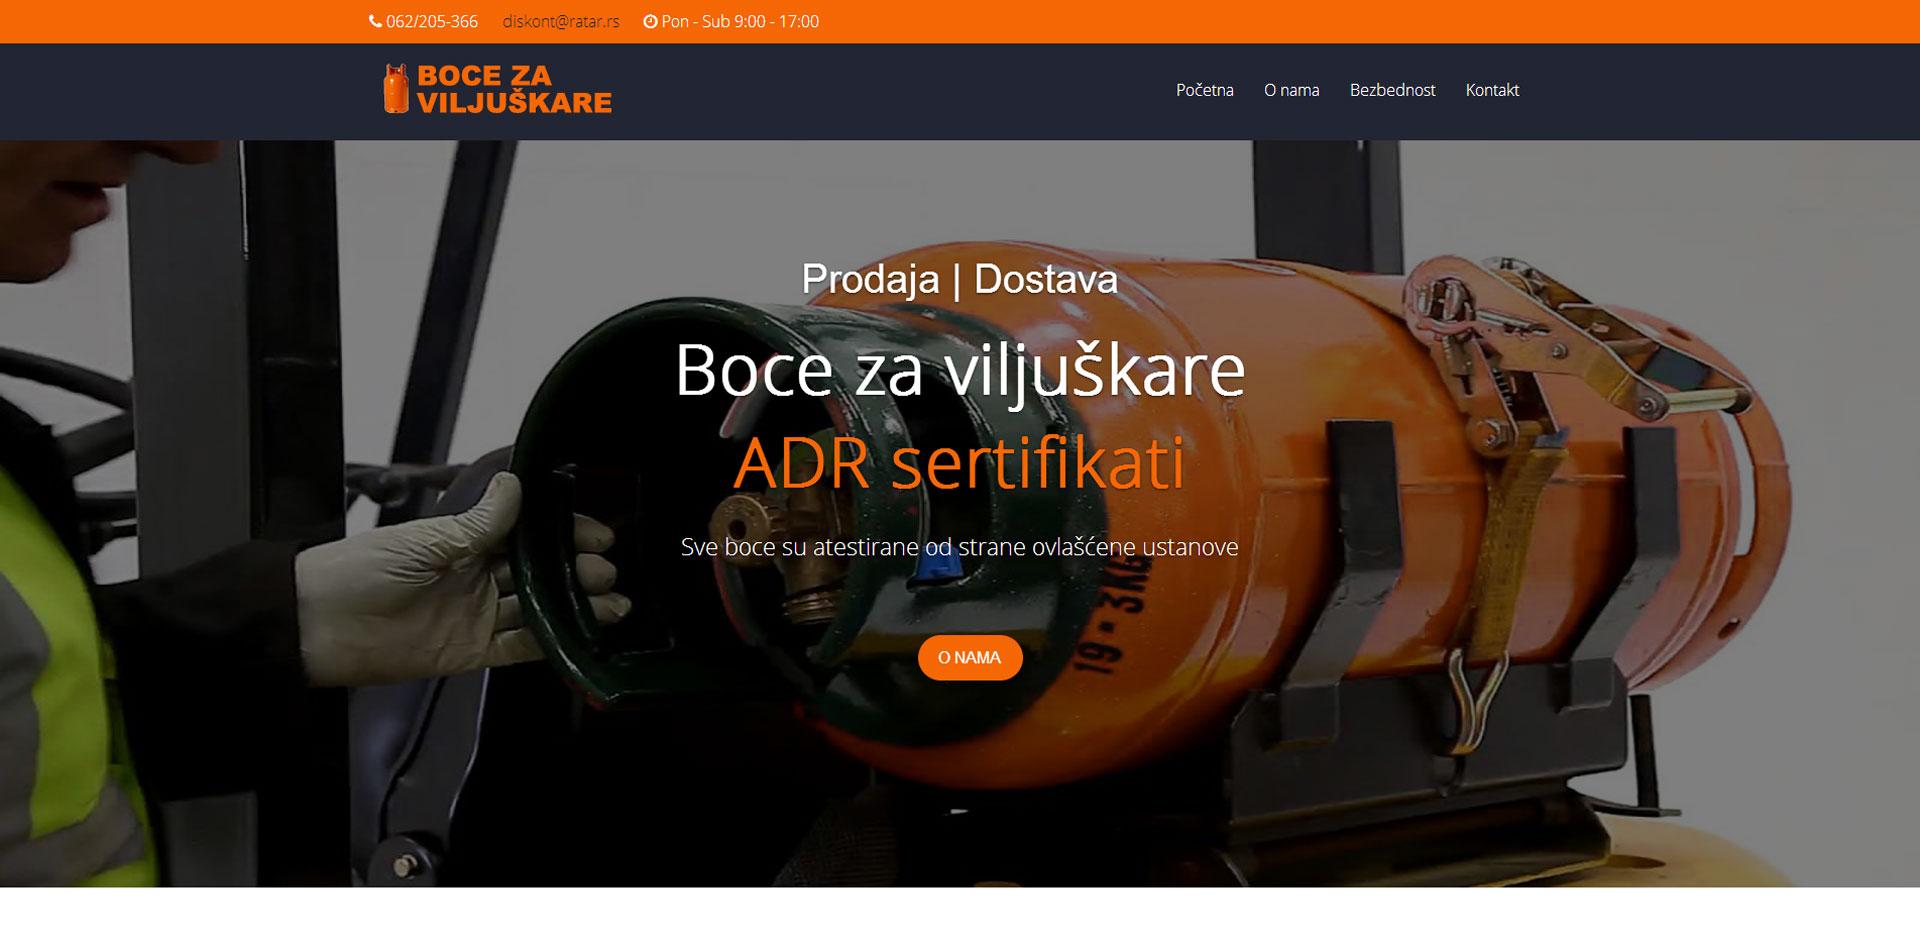 Company For Web Design Belgrade Serbia